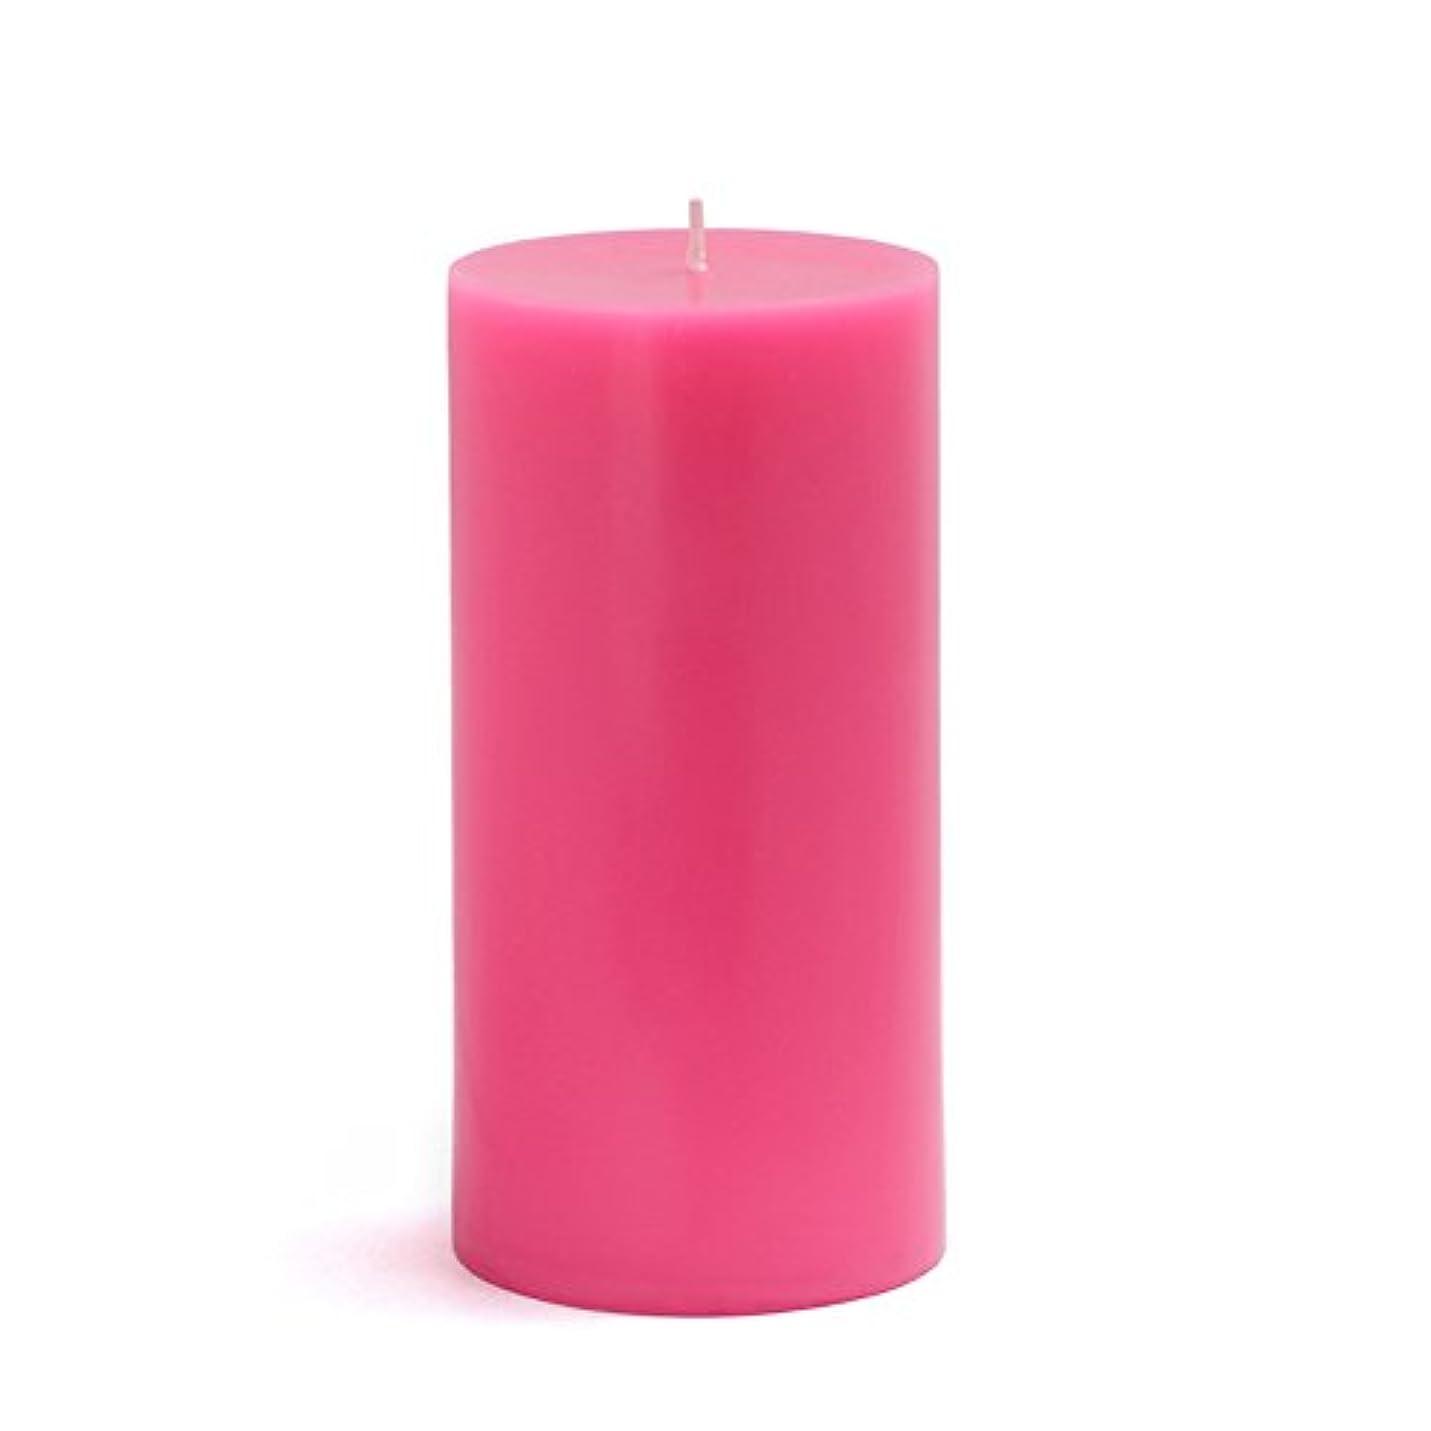 注釈を付けるラックテントZest Candle CPZ-084-12 3 x 6 in. Hot Pink Pillar Candles-12pcs-Case - Bulk